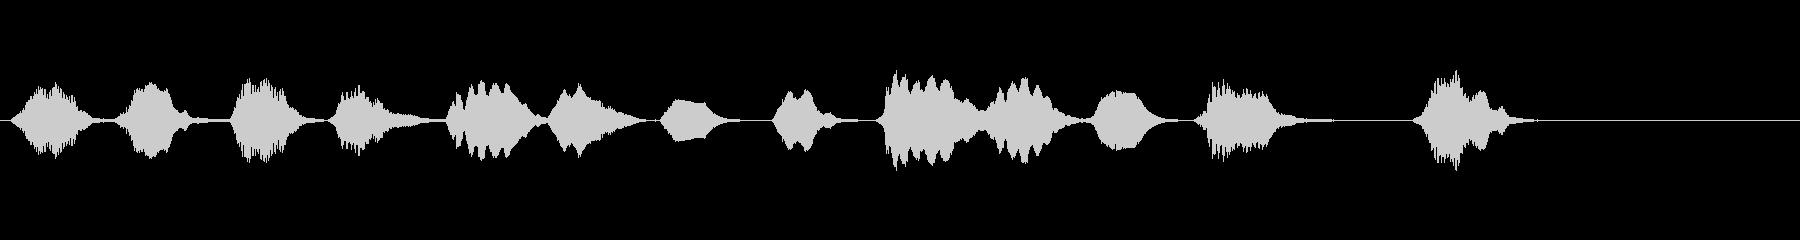 少しへたっぴなリコーダー・ジングルの未再生の波形